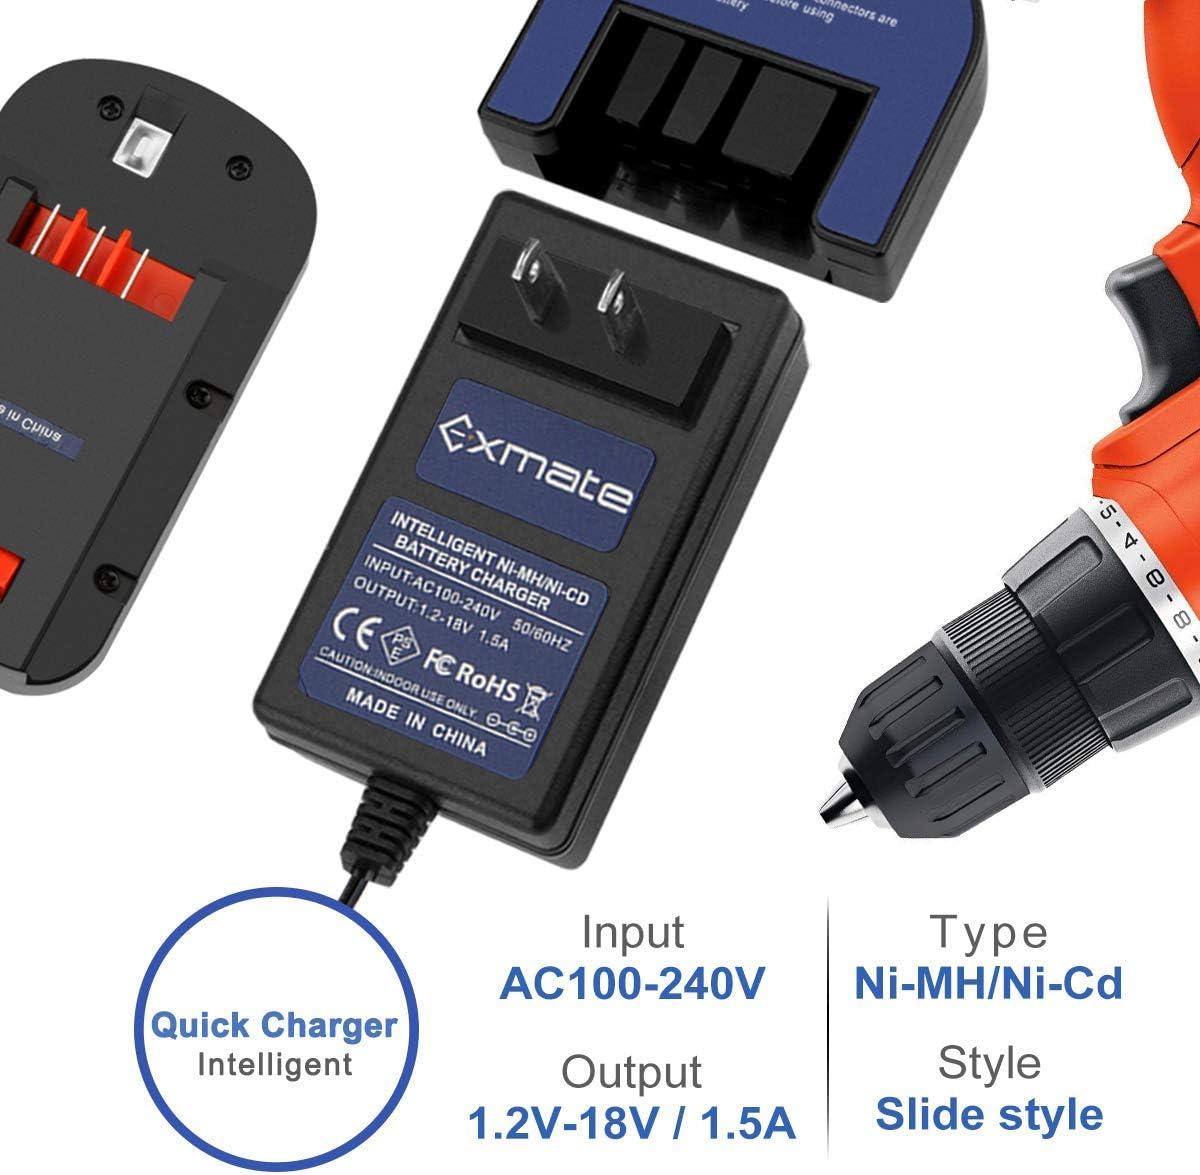 adatto per batterie Black /& Decker Slide Style 7.2V 9.6V 12V 14.4V 18V Exmate Caricabatterie per batterie Ni-Cd Black /& Decker Ni-Cd Caricabatterie multivolt 1.2V-18V Non per batterie Li-ion